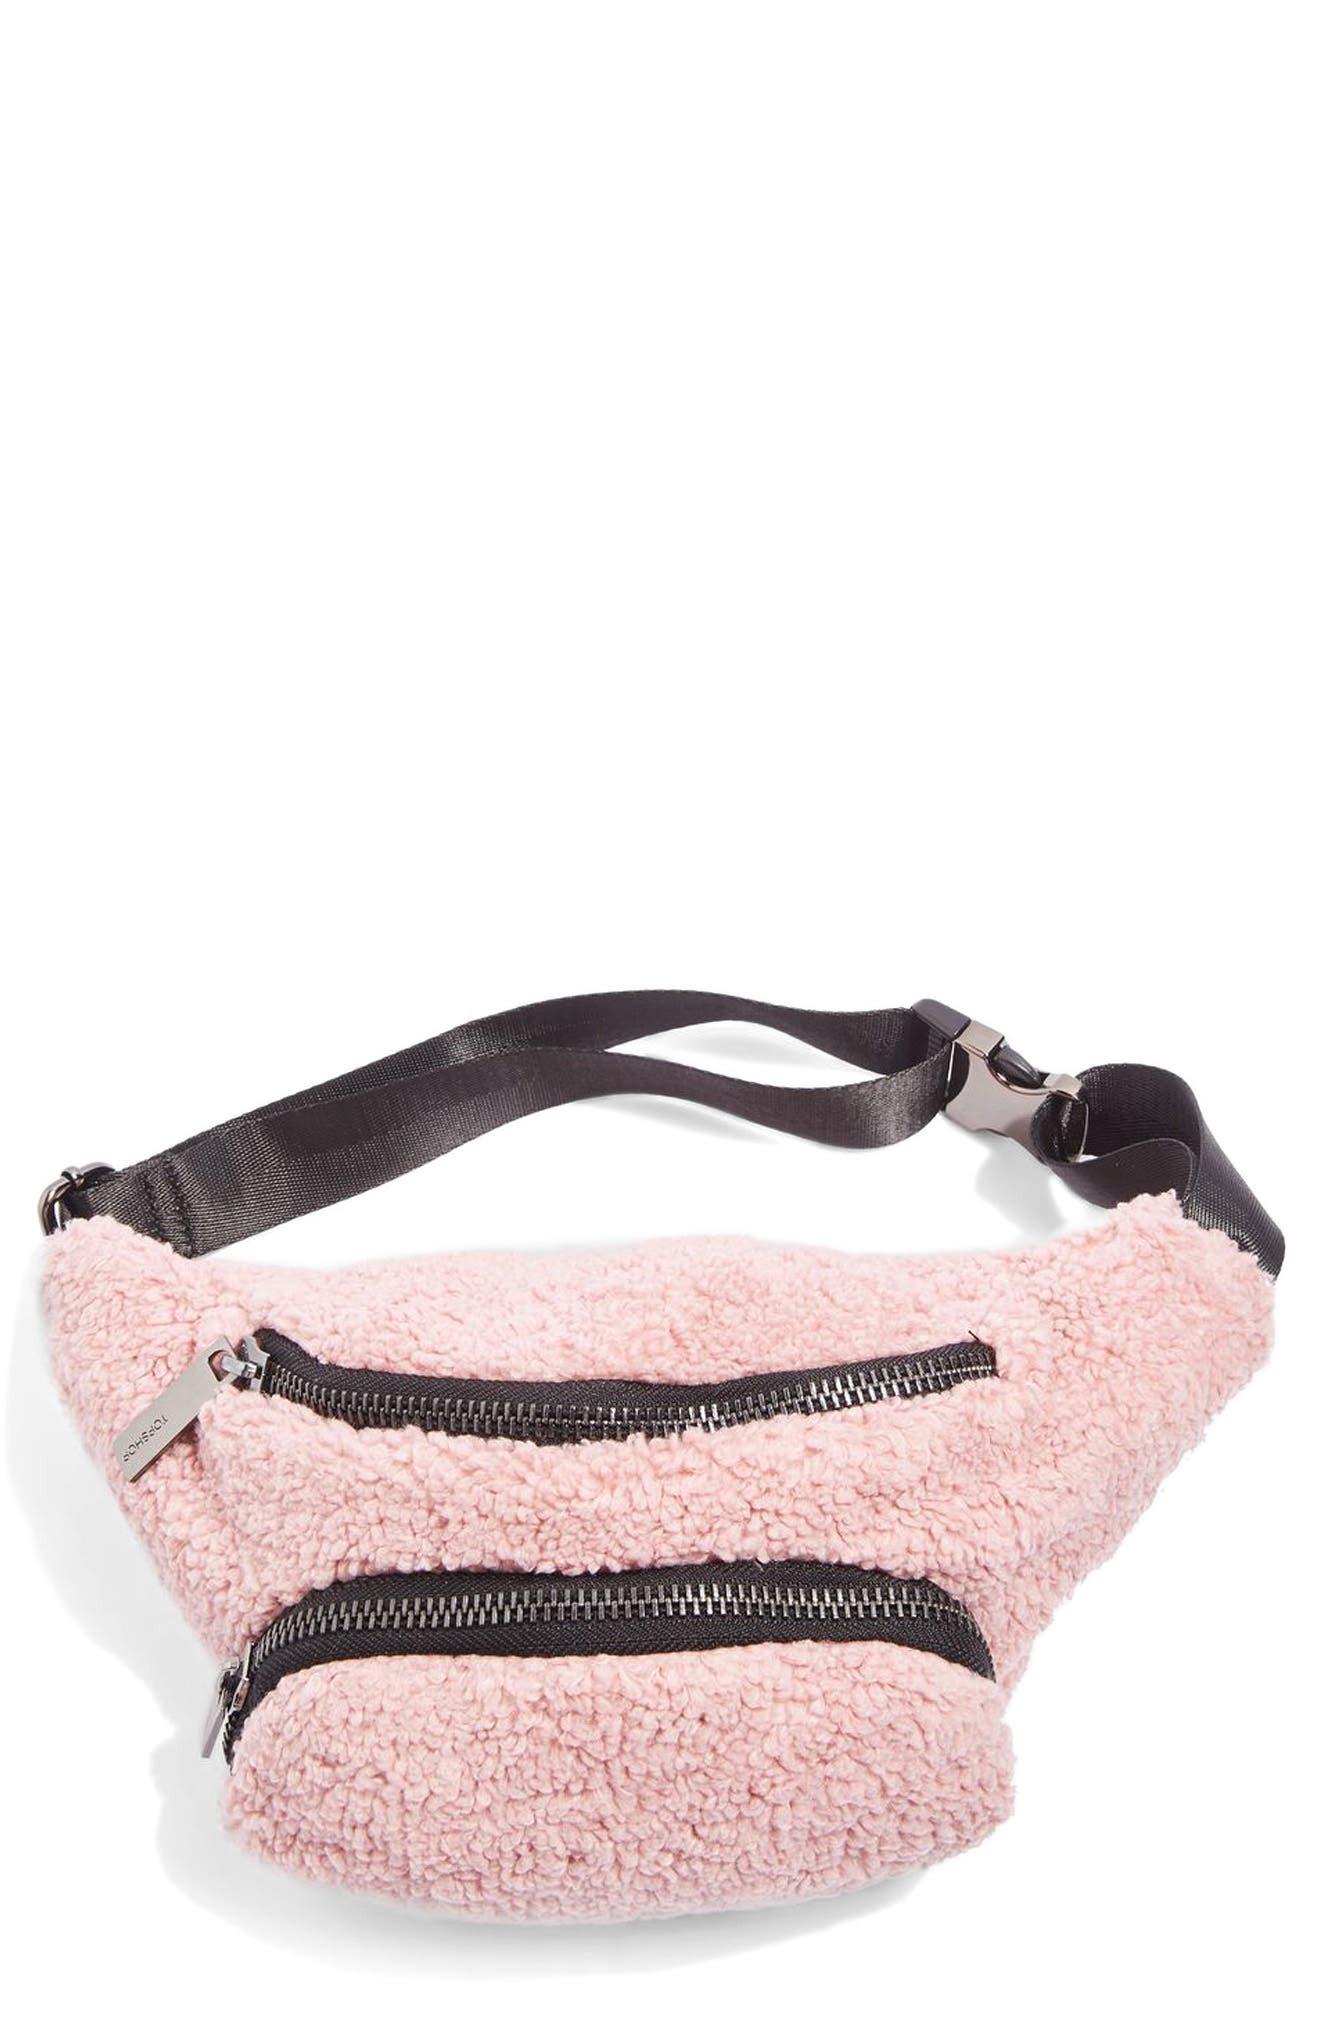 Main Image - Topshop Benny Borg Belt Bag